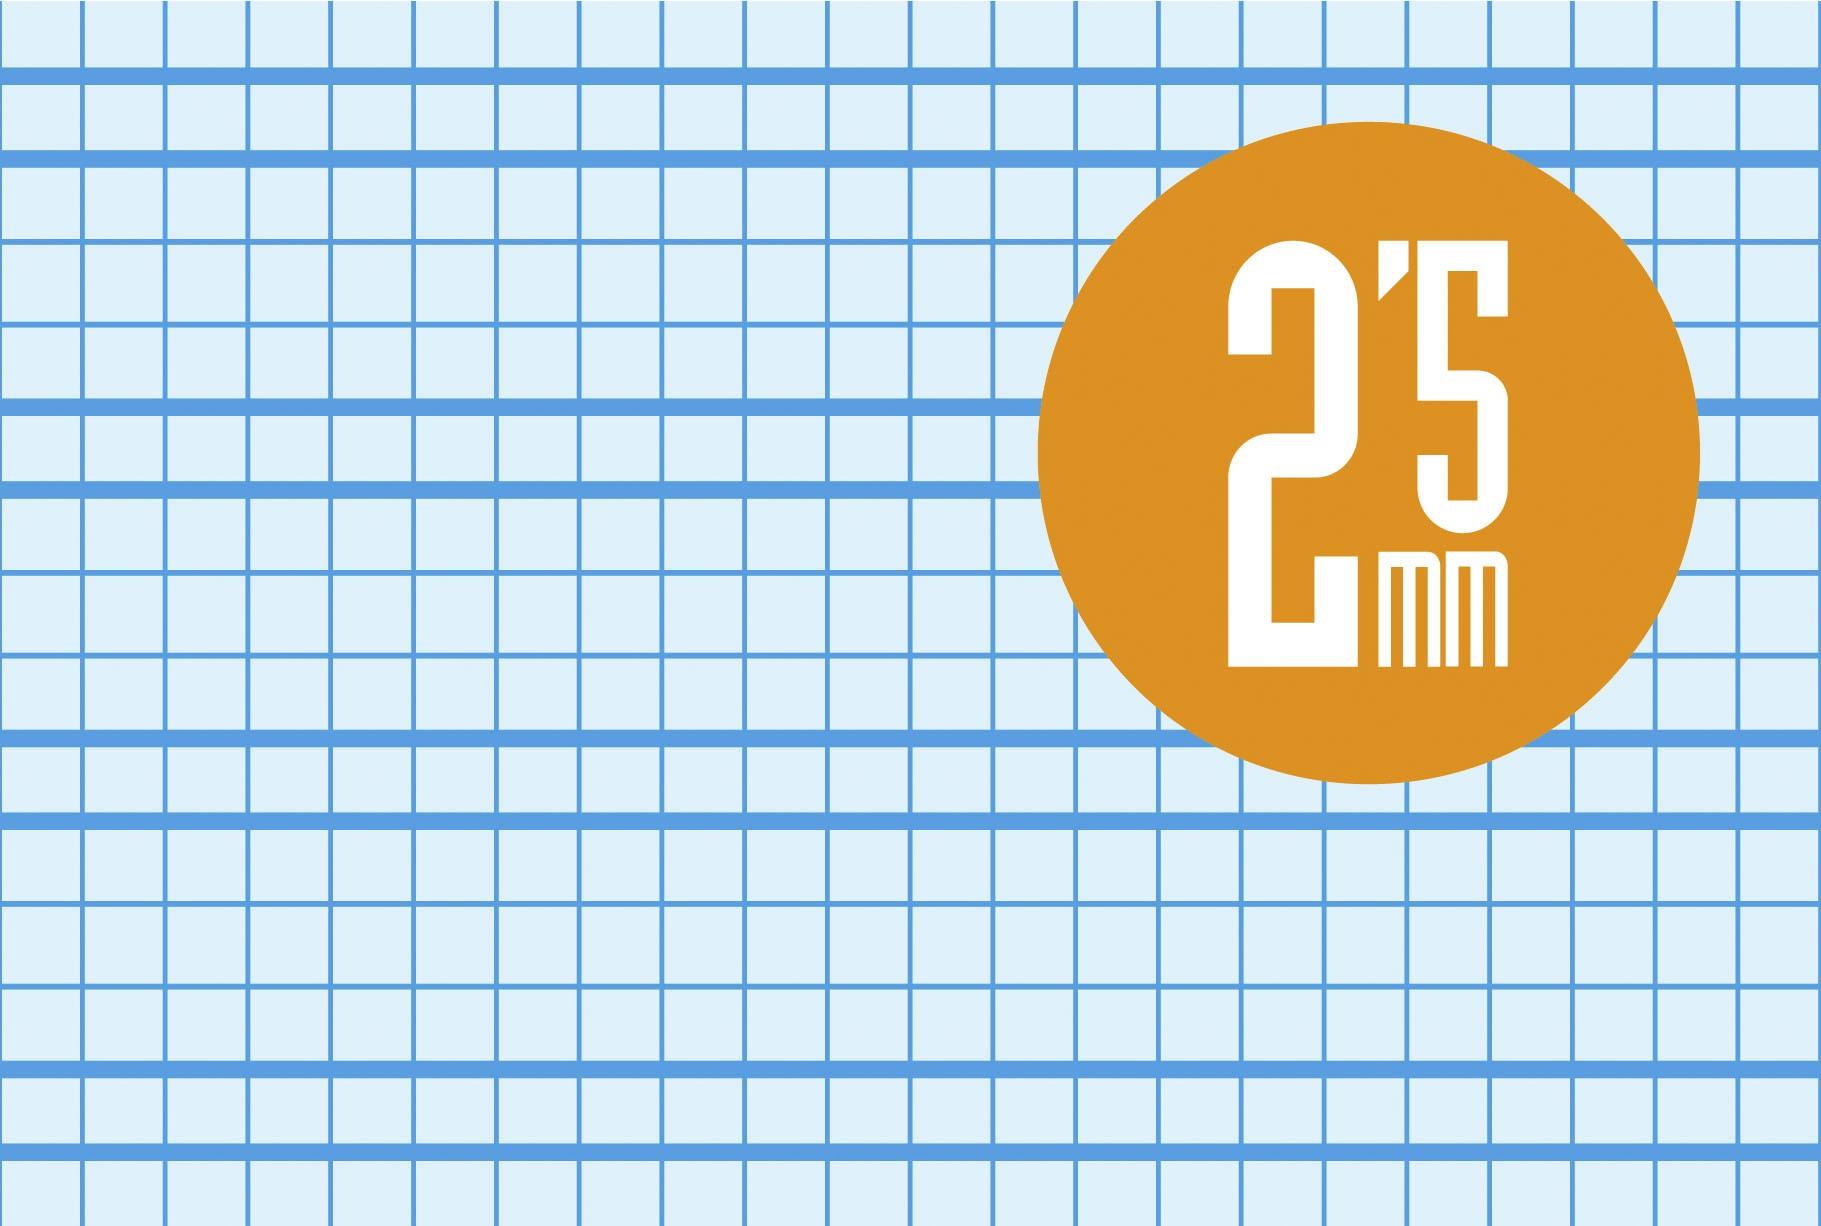 Cuaderno Espiral Cuarto 80 Hojas. Cubierta Extra Dura GRIS . Cuadrovía 2,5mm.